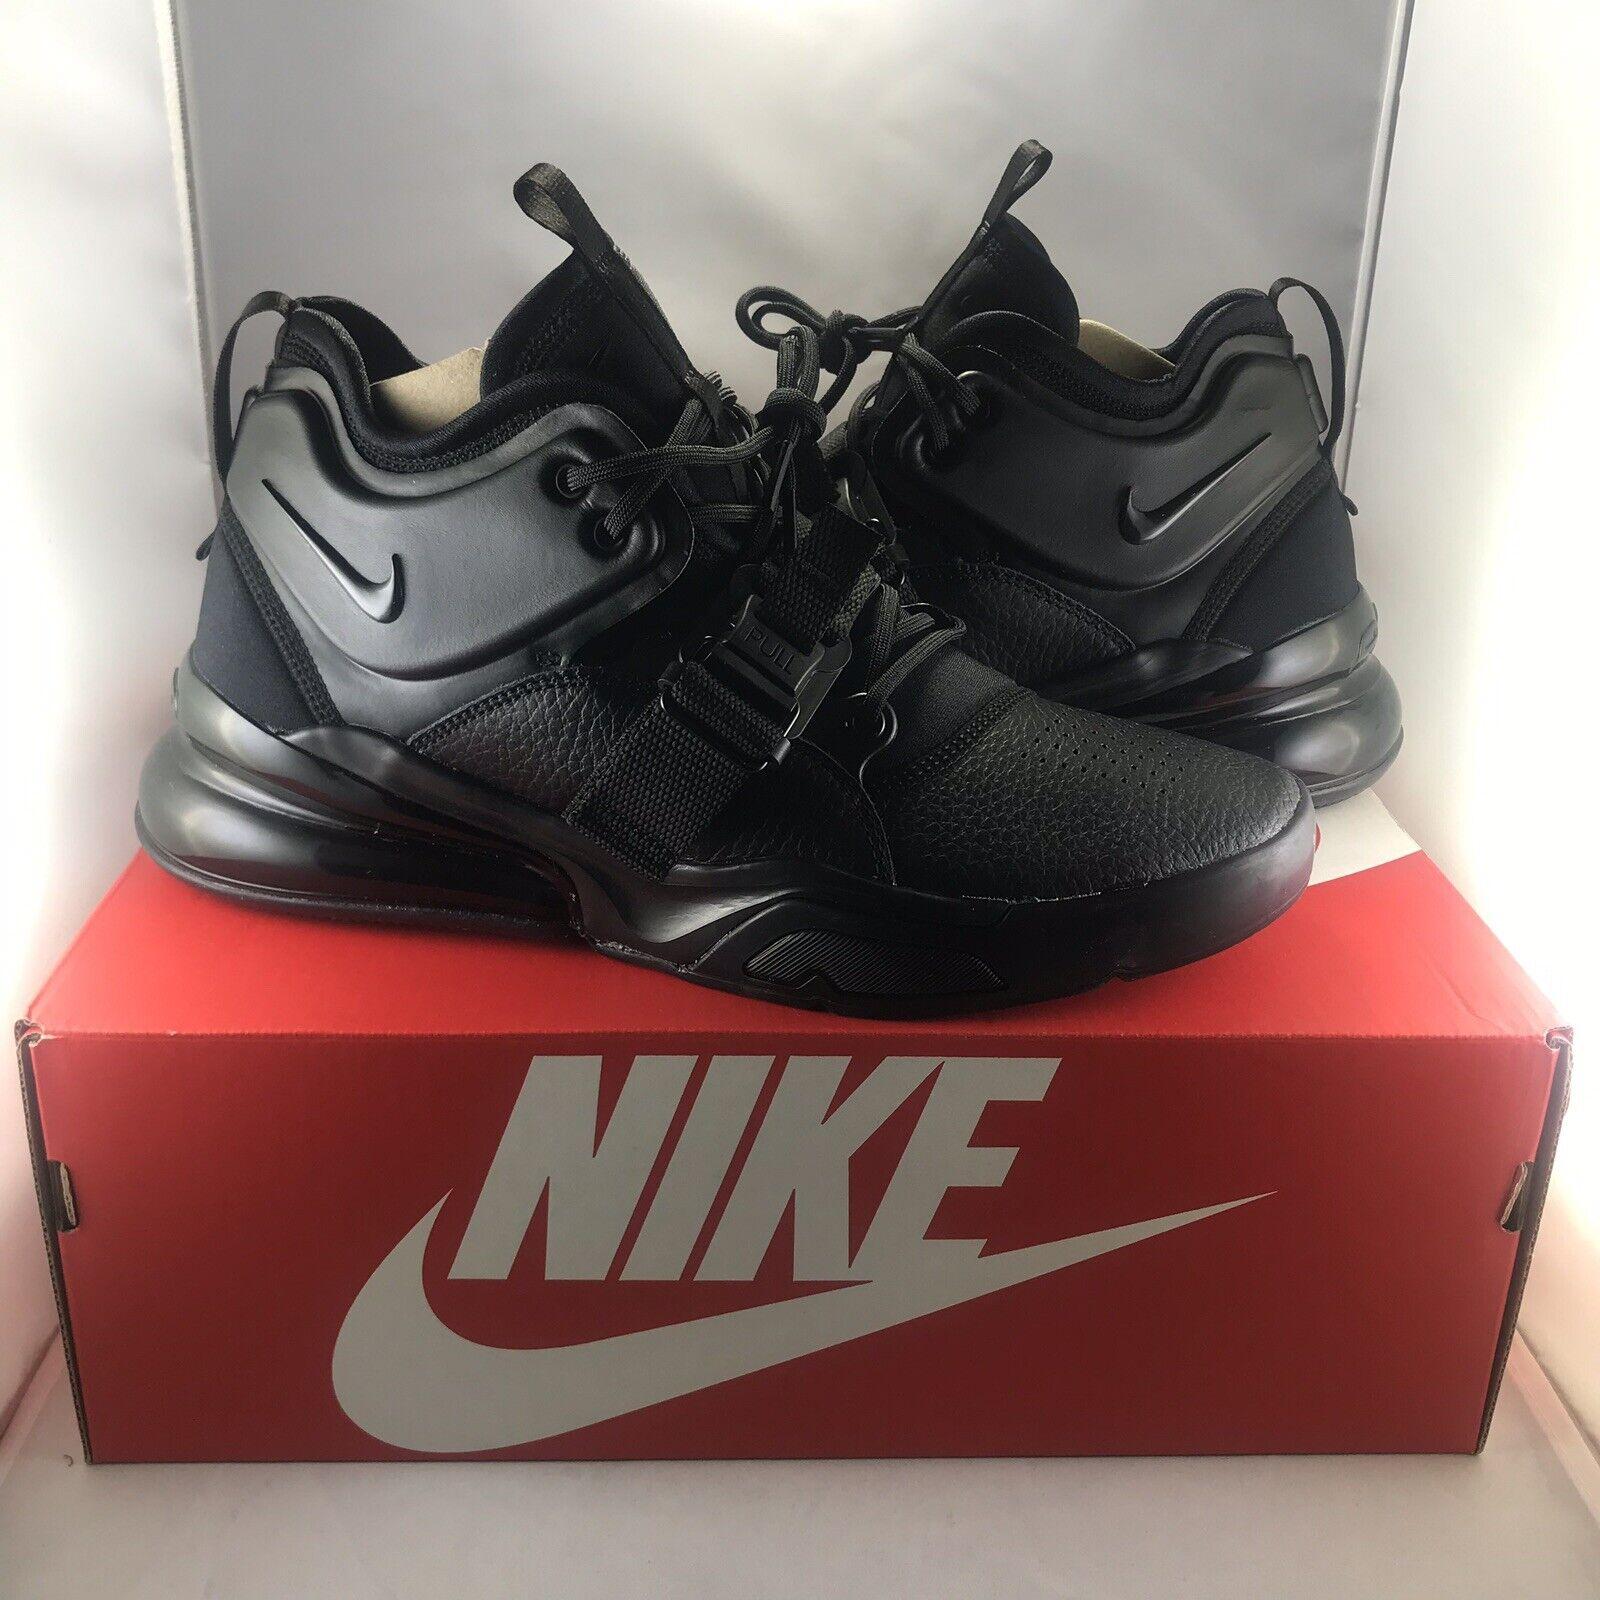 NIKE AIR FORCE 270 Triple Black shoes Sneakers AH6772-010 NEW